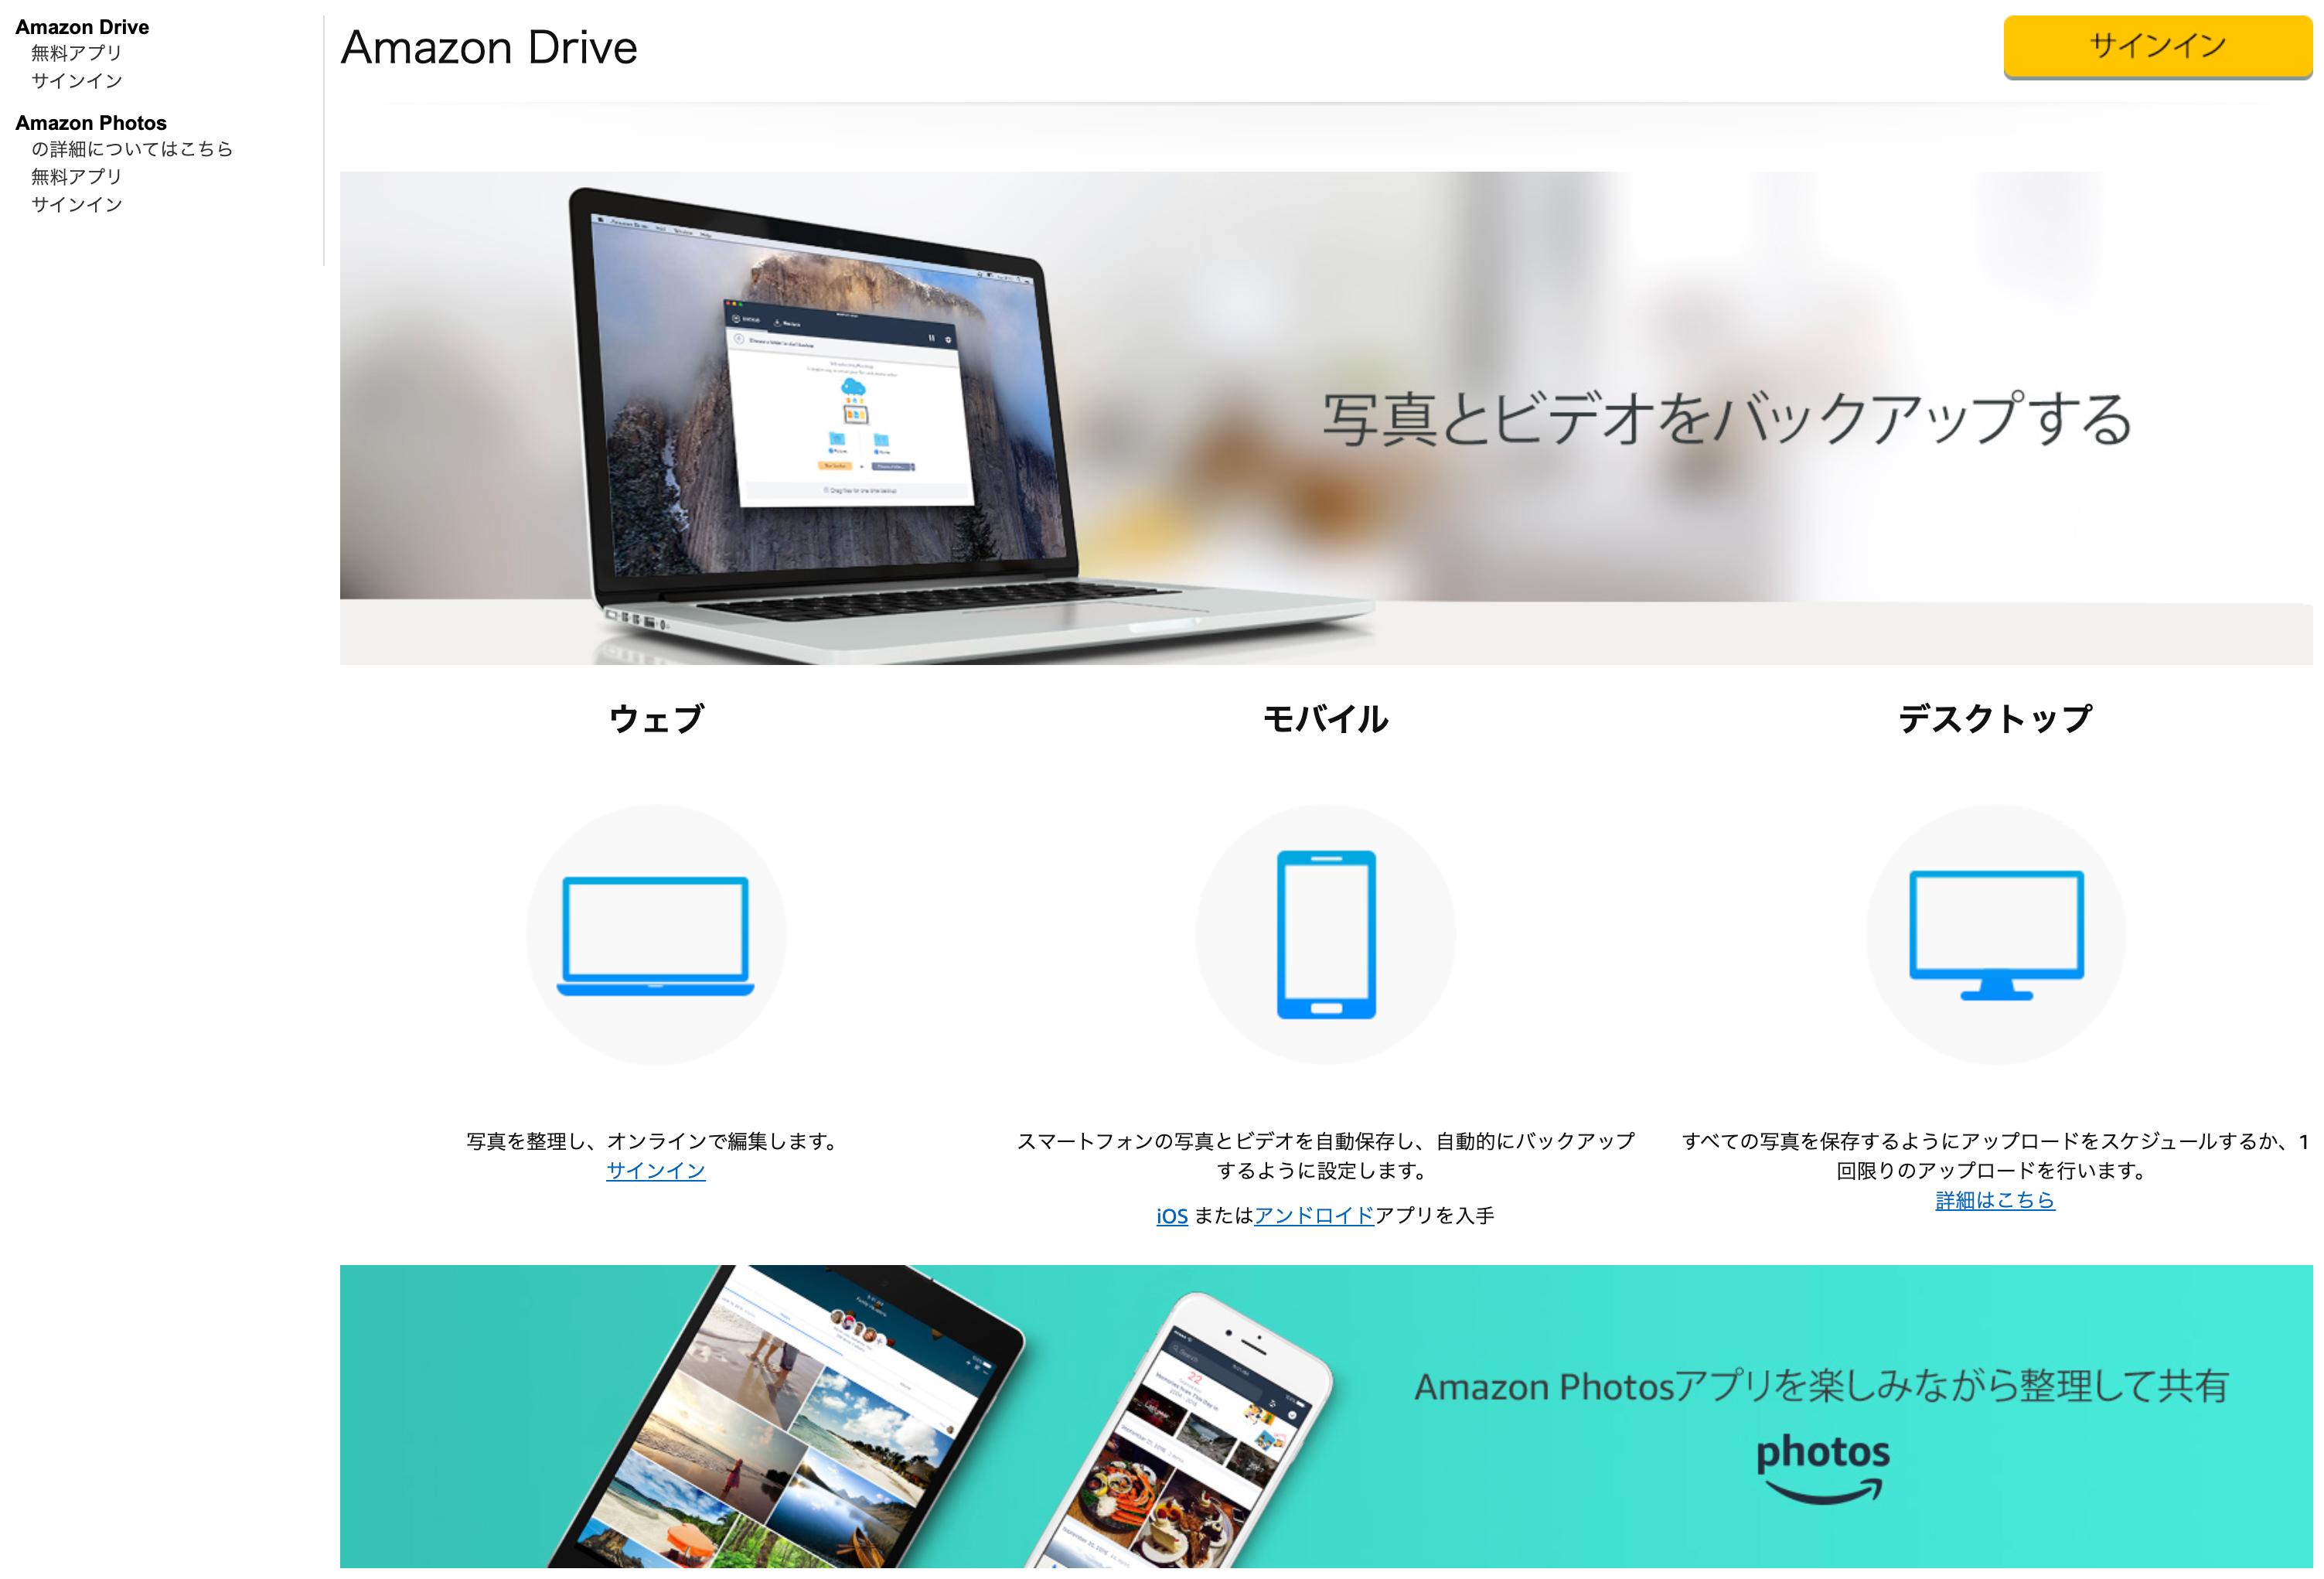 Amazon Photosの公式ページ